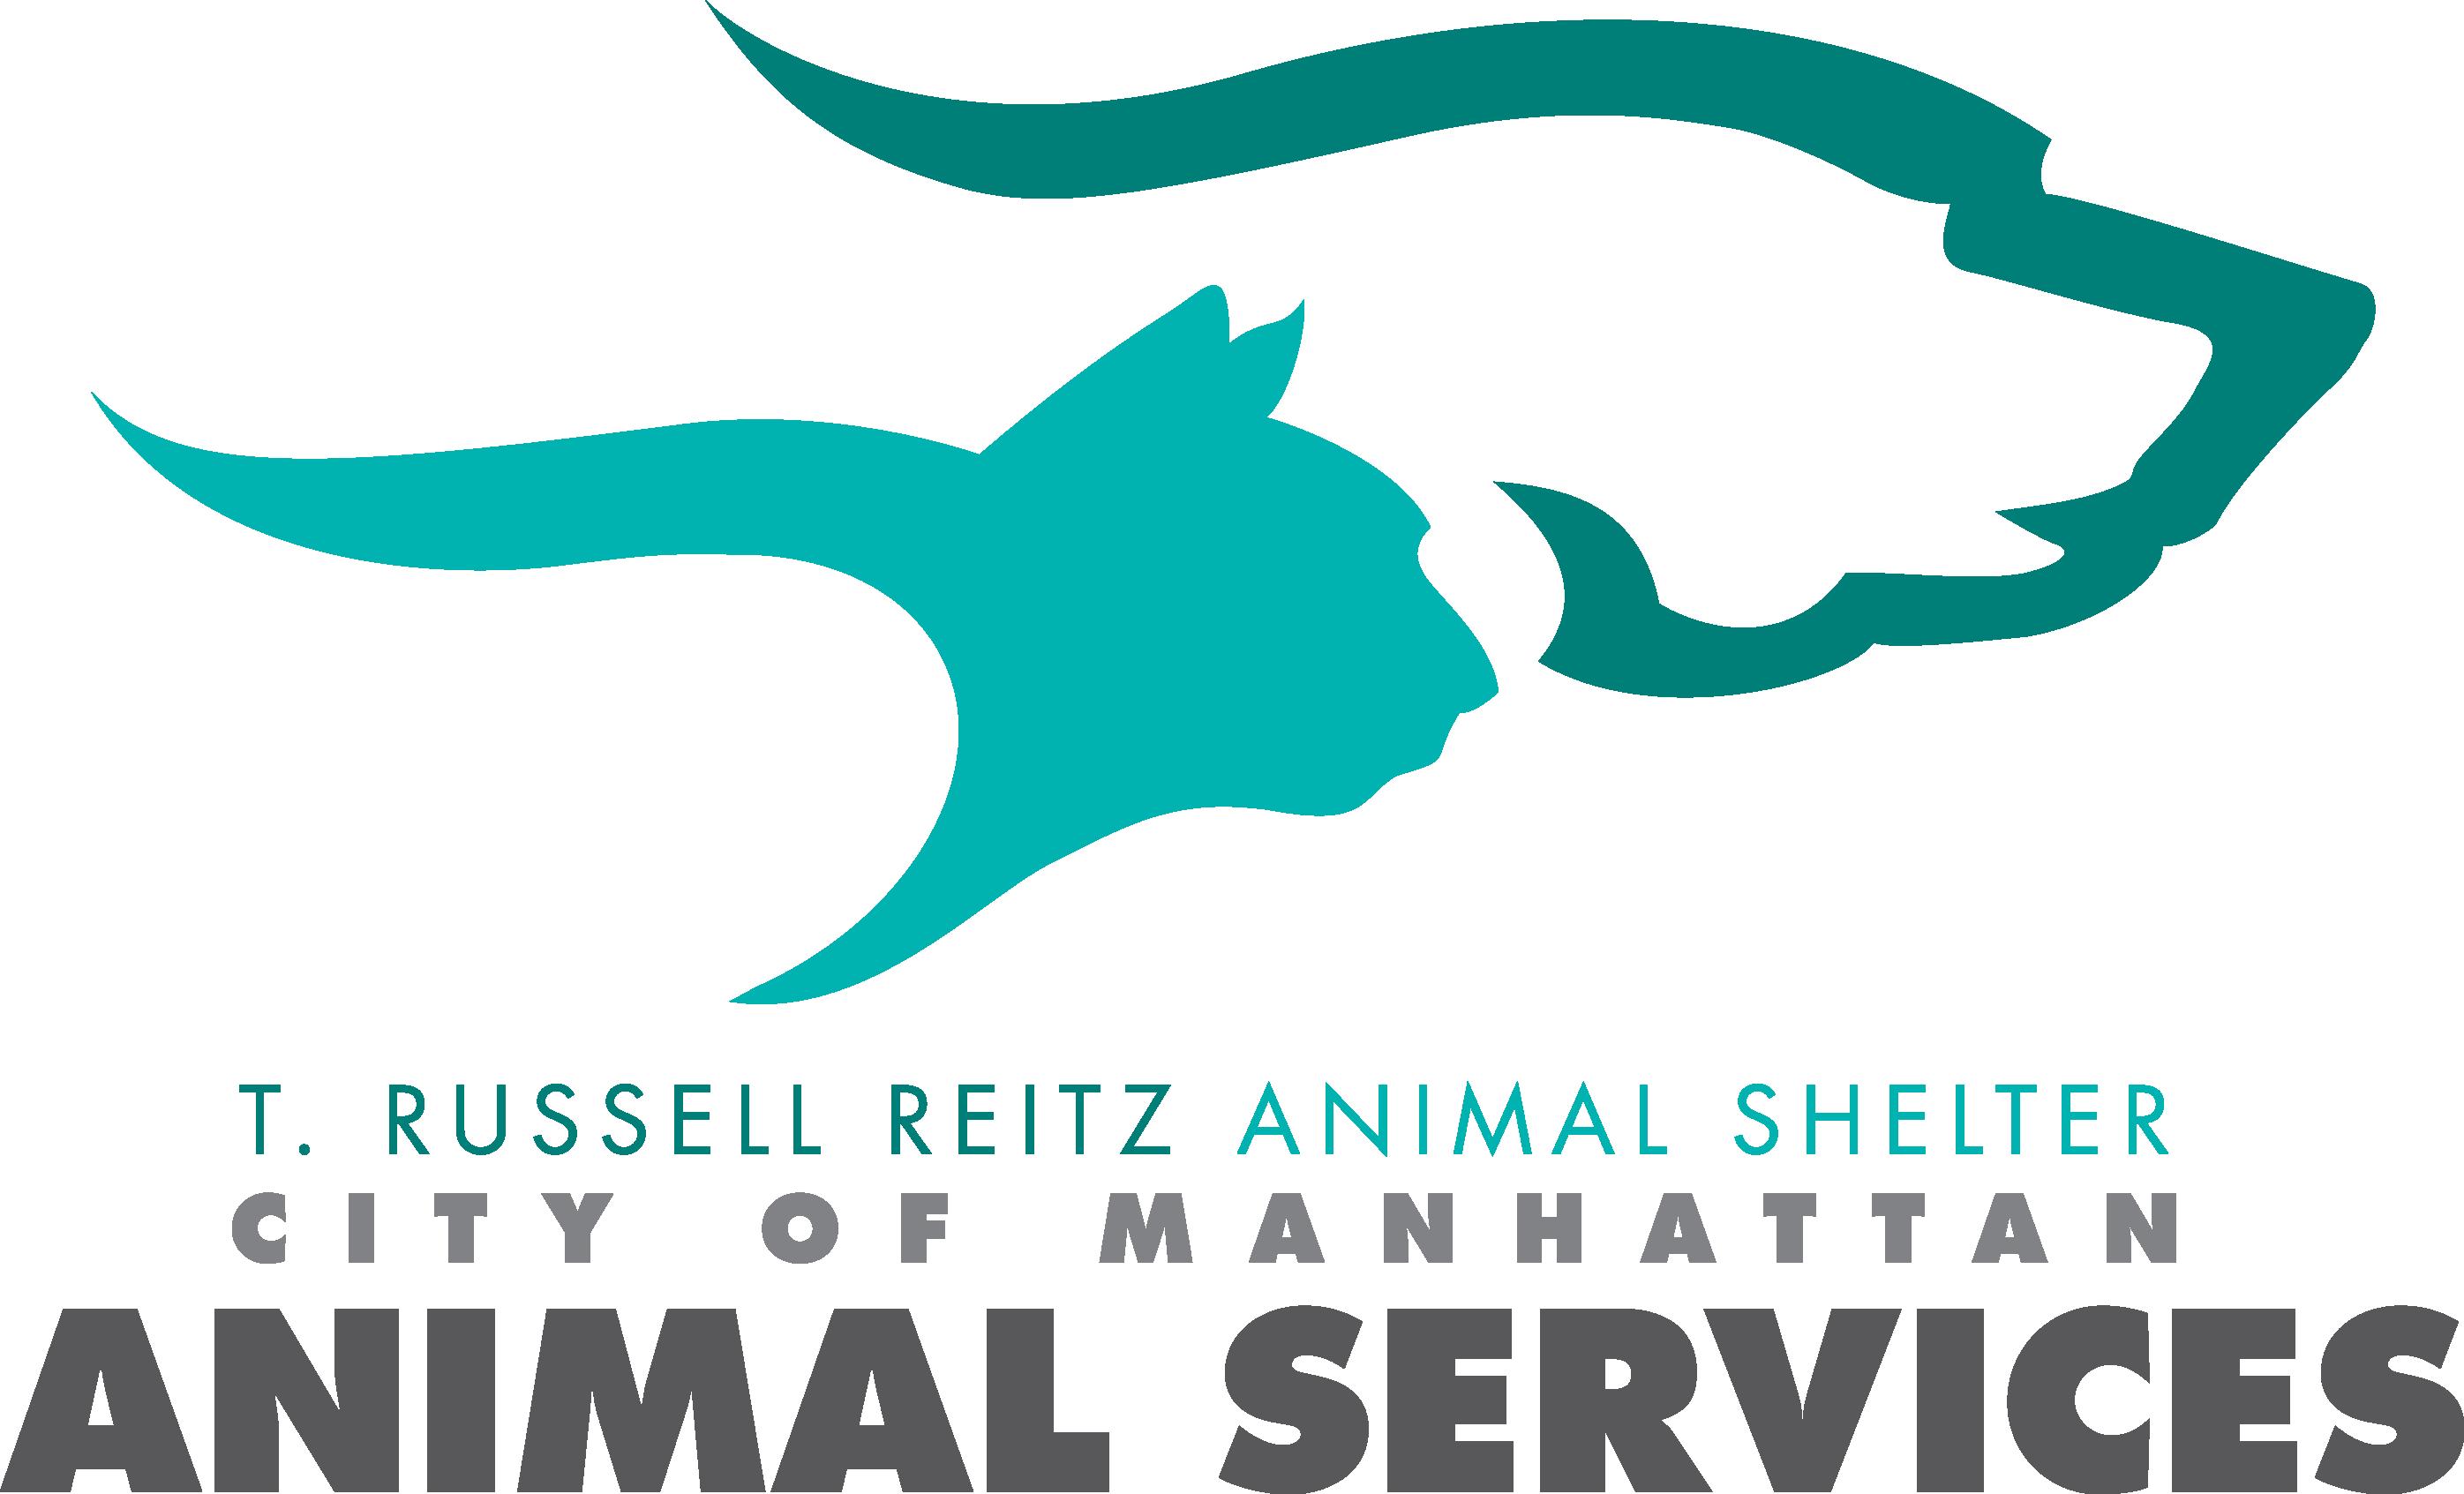 T. Russell Reitz Animal Shelter